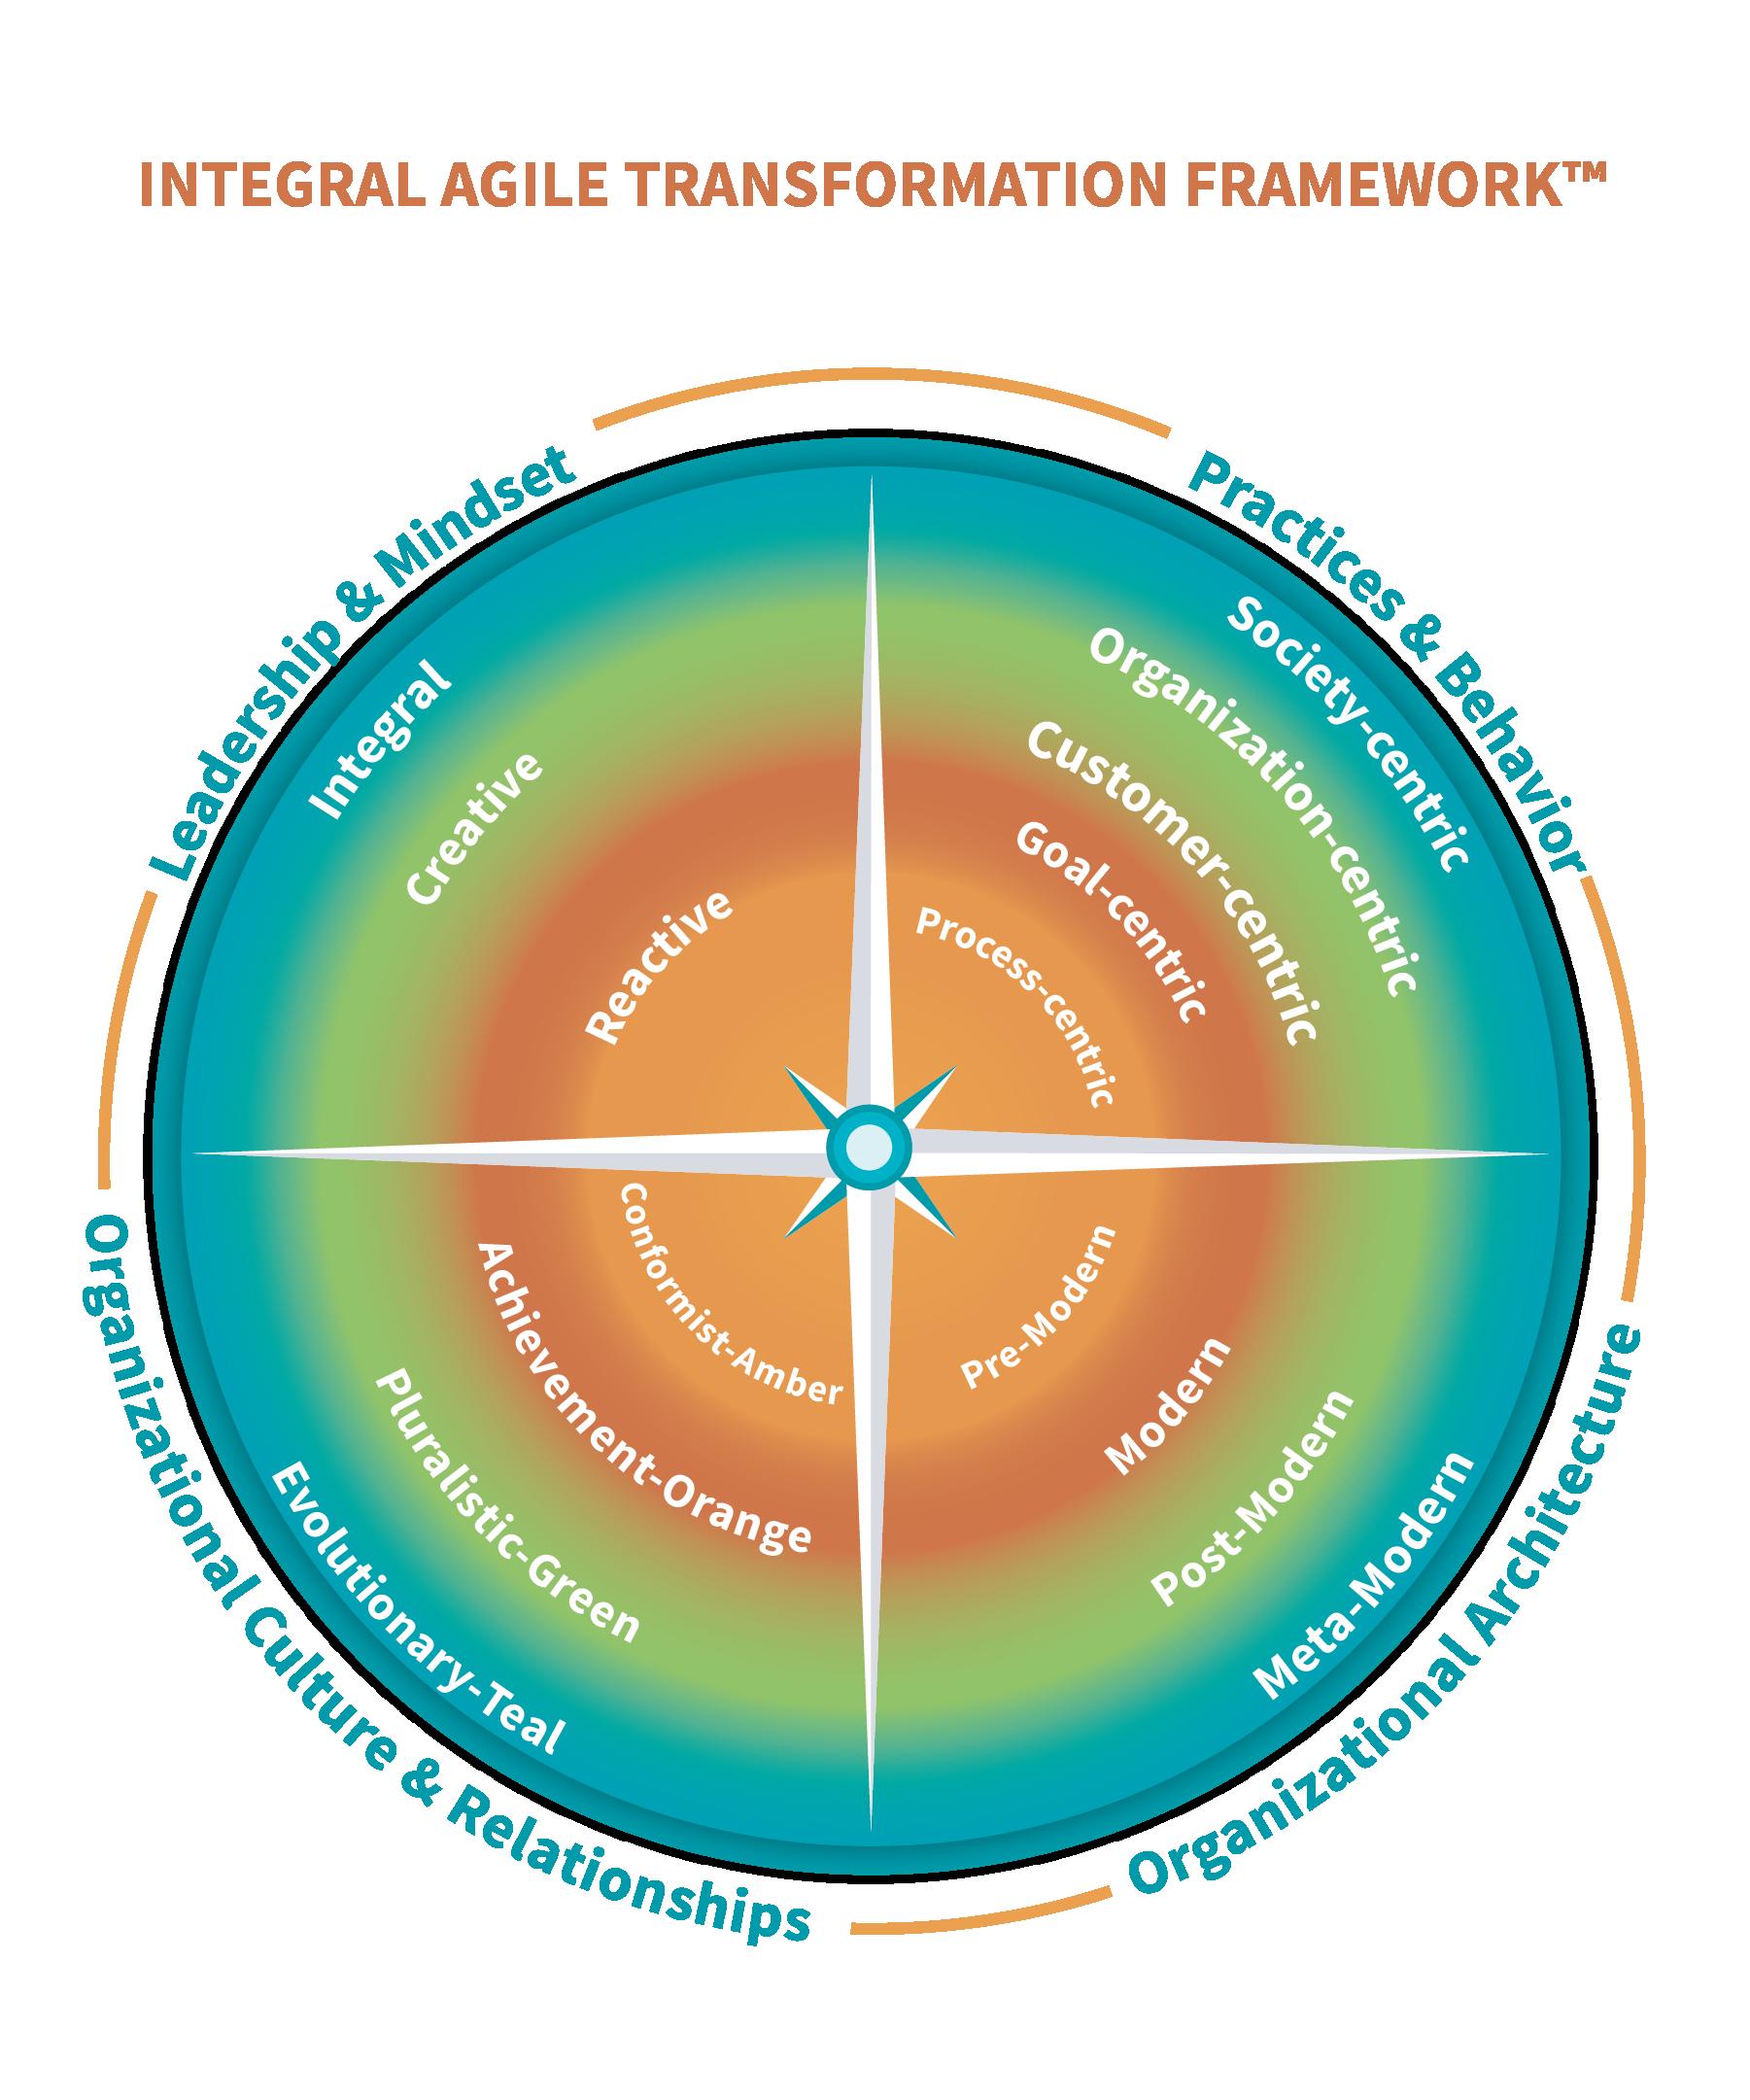 IATF-infographic-72_transparent copy